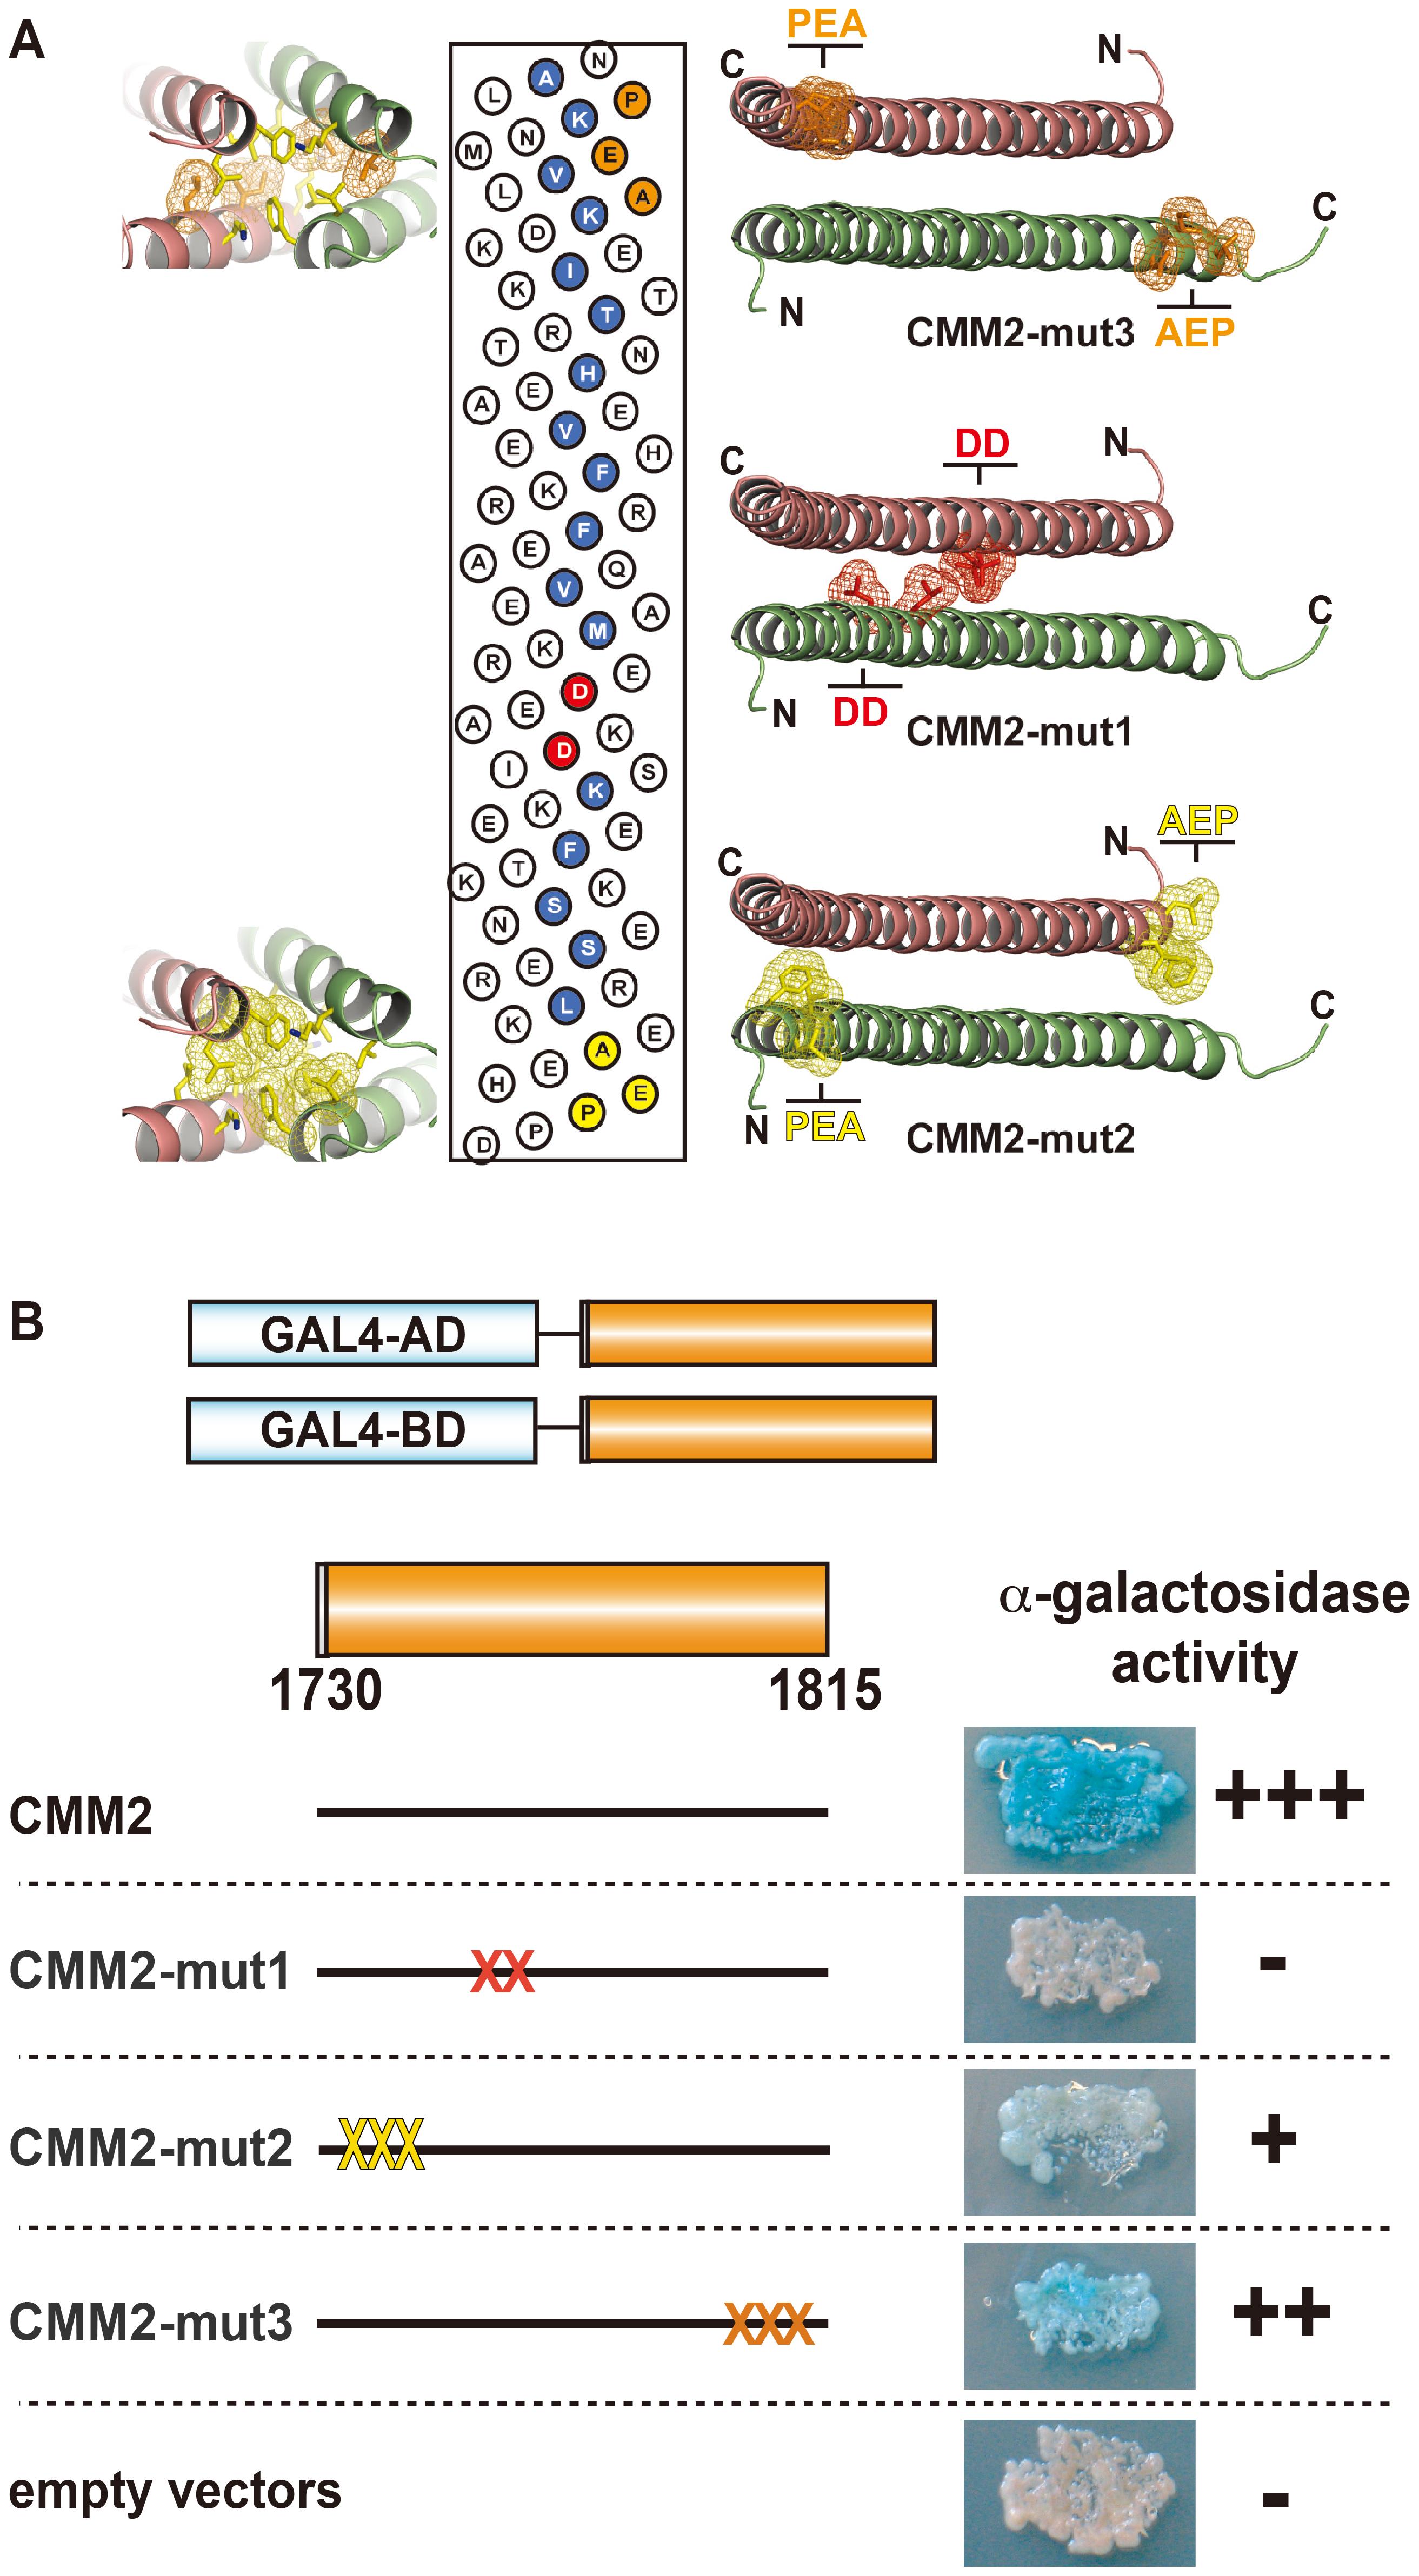 Intermolecular interaction of CMM2 domains <i>in vivo.</i>